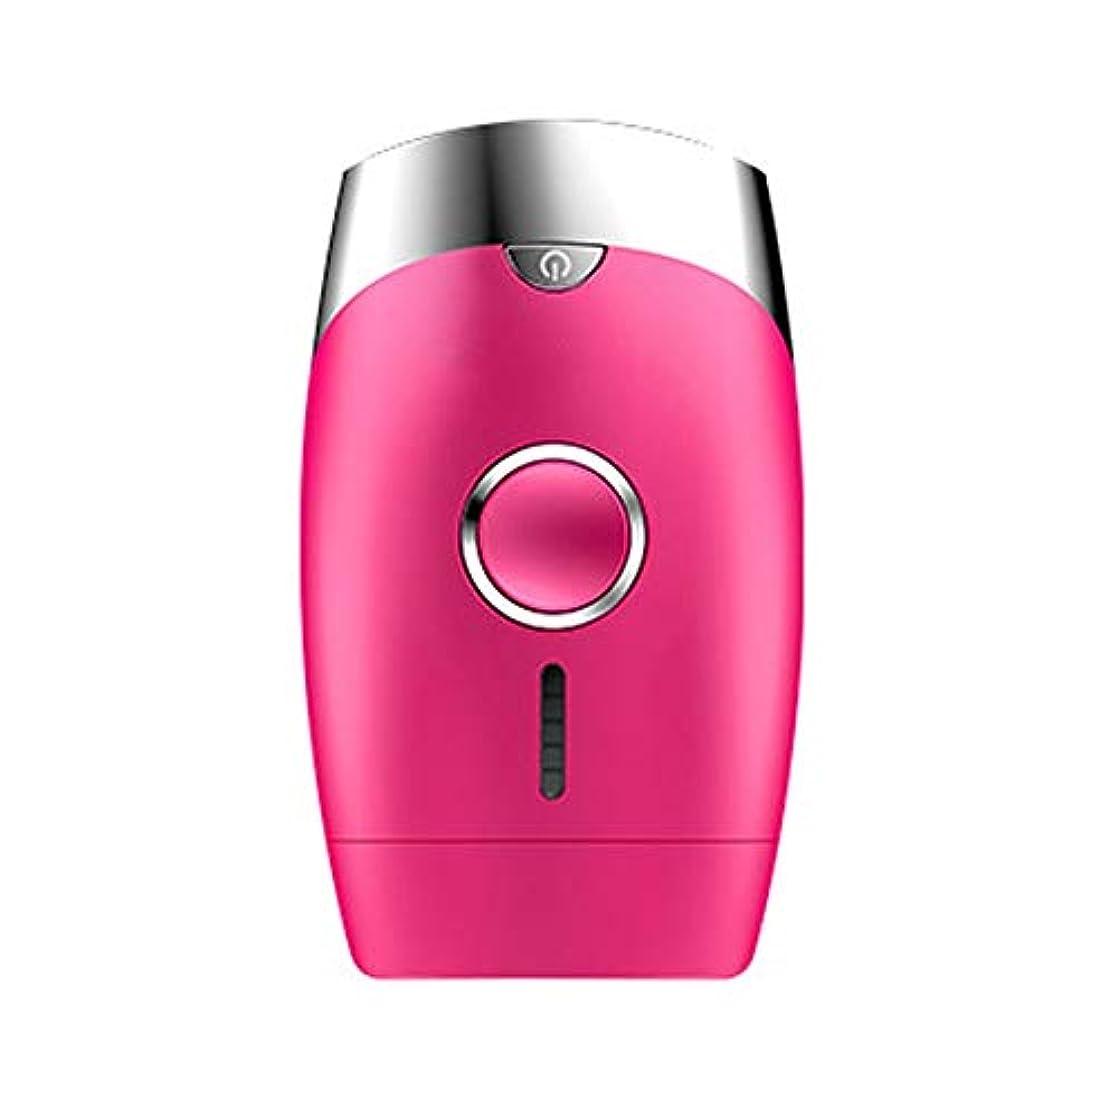 振り子凍ったチョップピンク、5スピード調整、インテリジェント家庭用痛みのない凝固点ヘアリムーバー、シングルフラッシュ/連続フラッシュ、サイズ13.9 X 8.3 X 4.8 Cm 安全性 (Color : Pink)